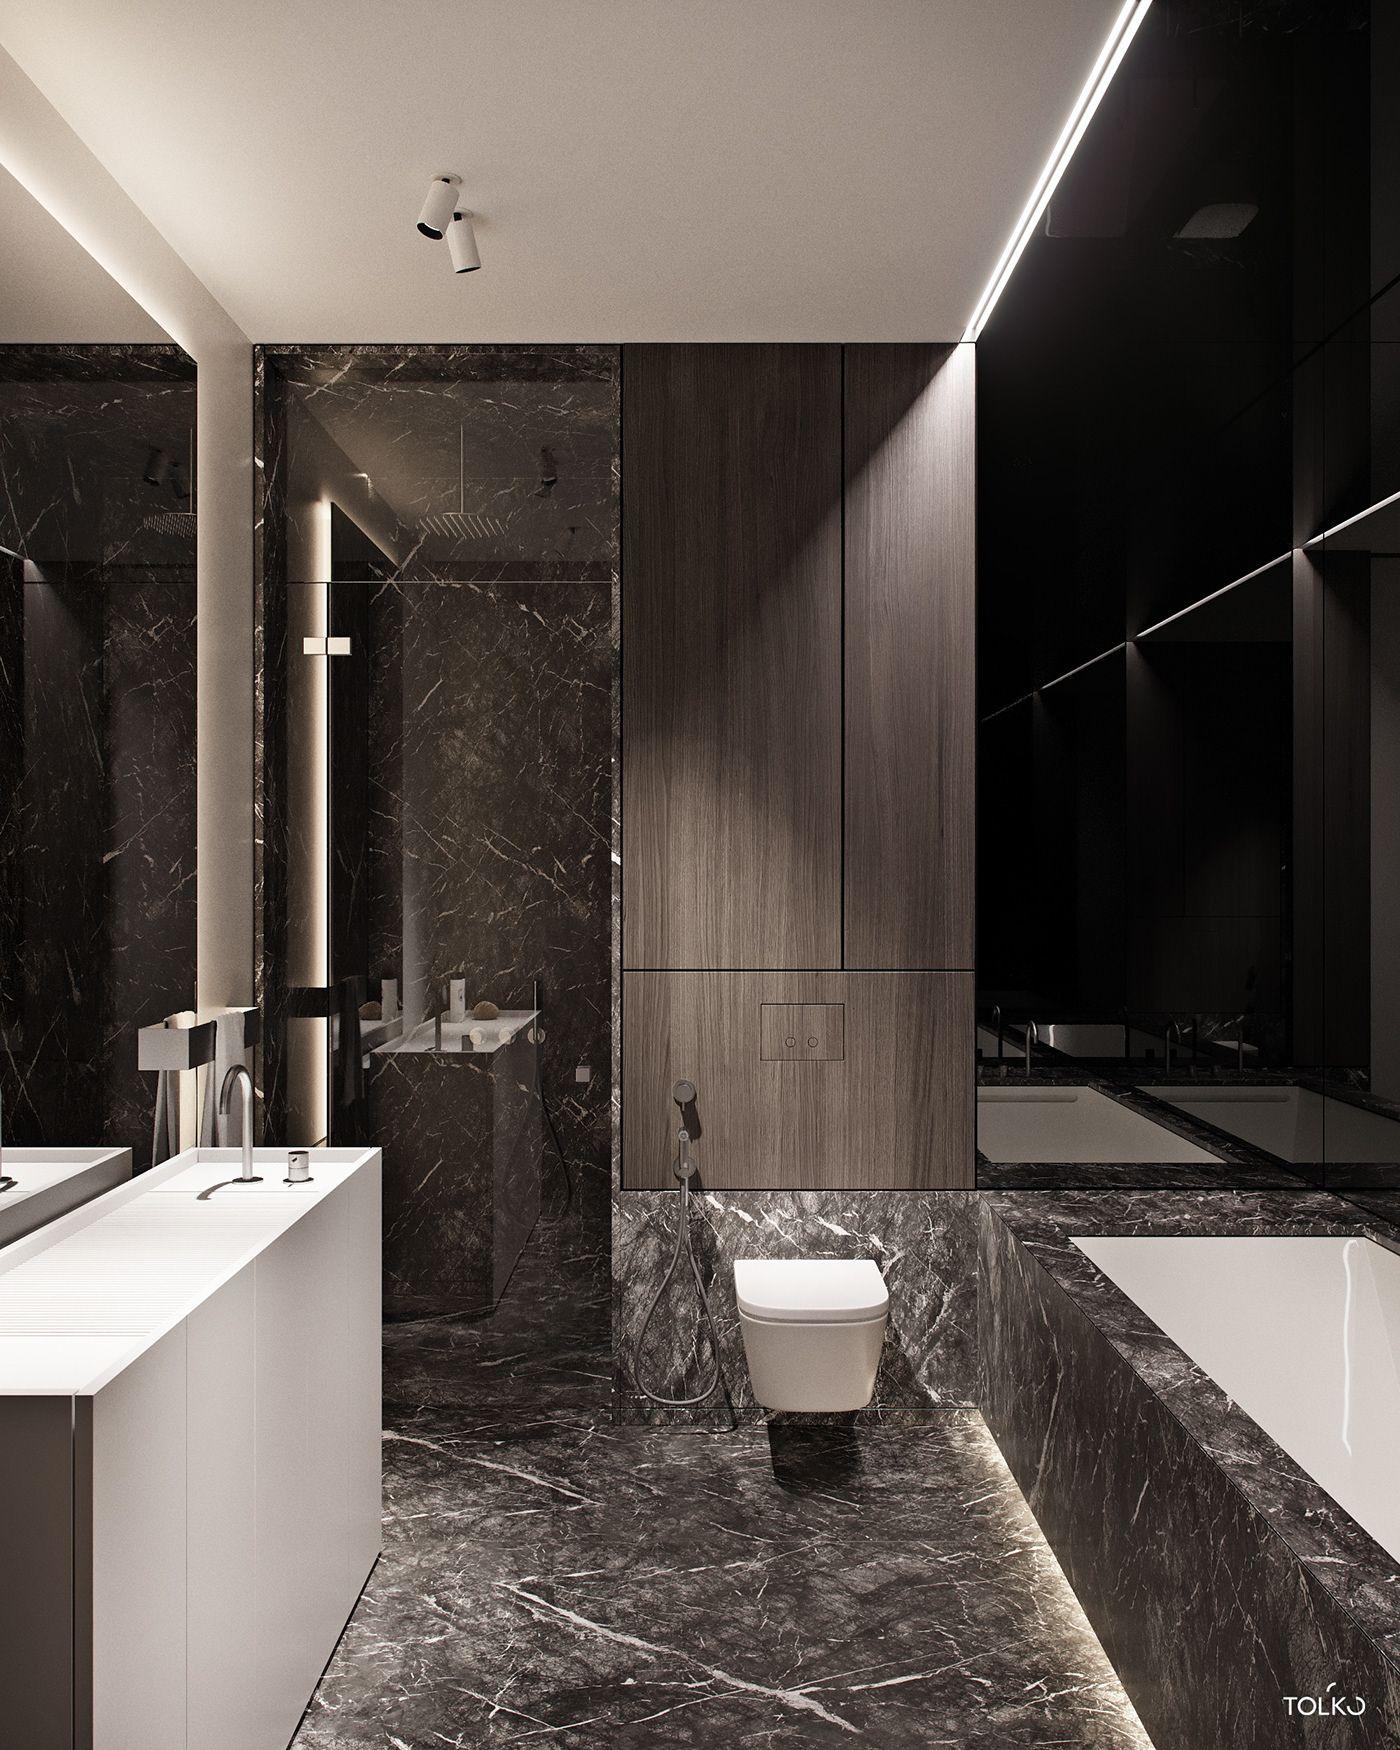 Tol Ko Almond Flat In Privilege On Behance Luxury Interior Design Luxury Interior Bathroom Design